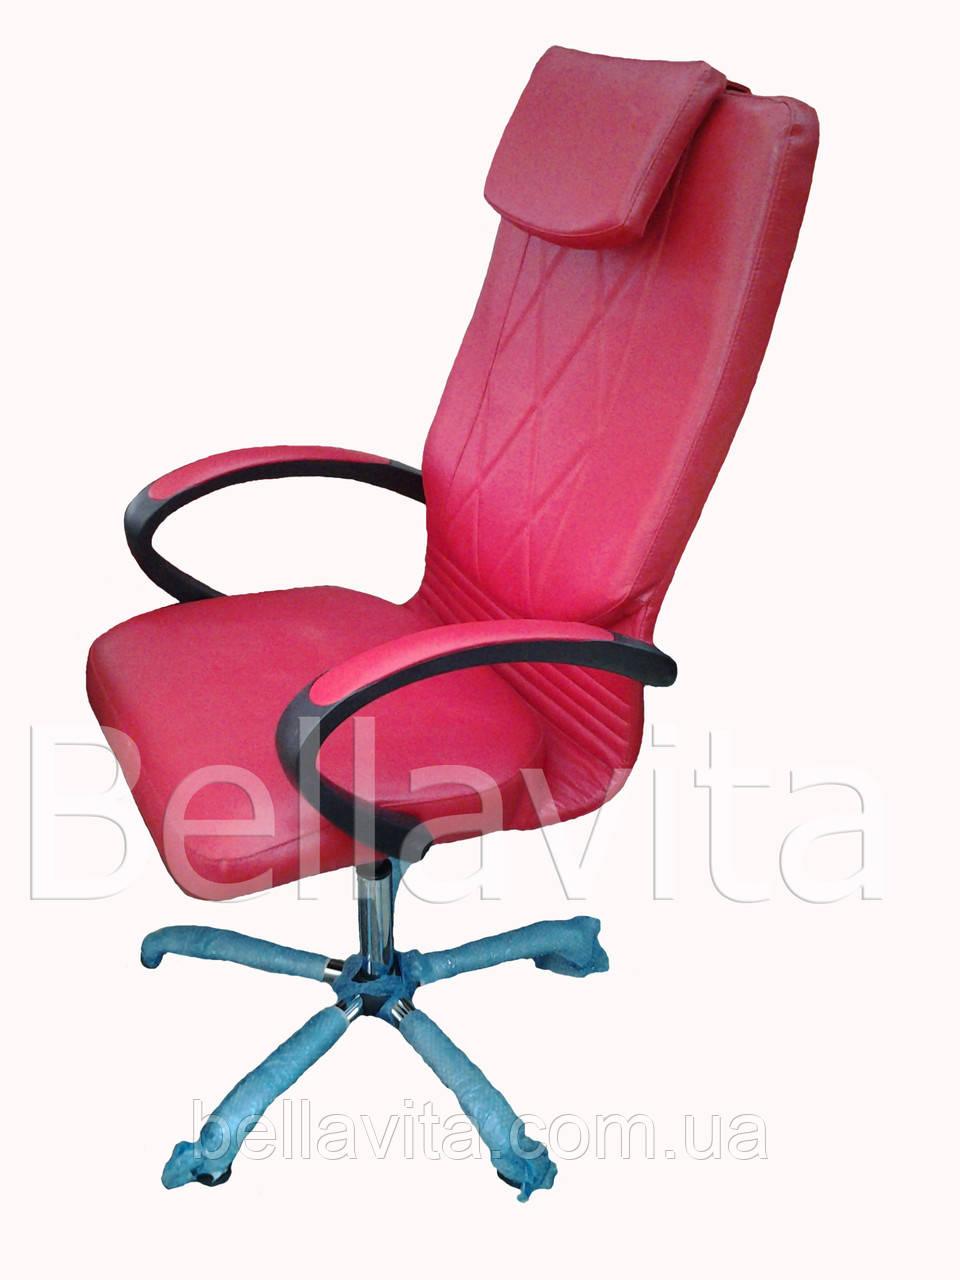 Педикюрне крісло Атос